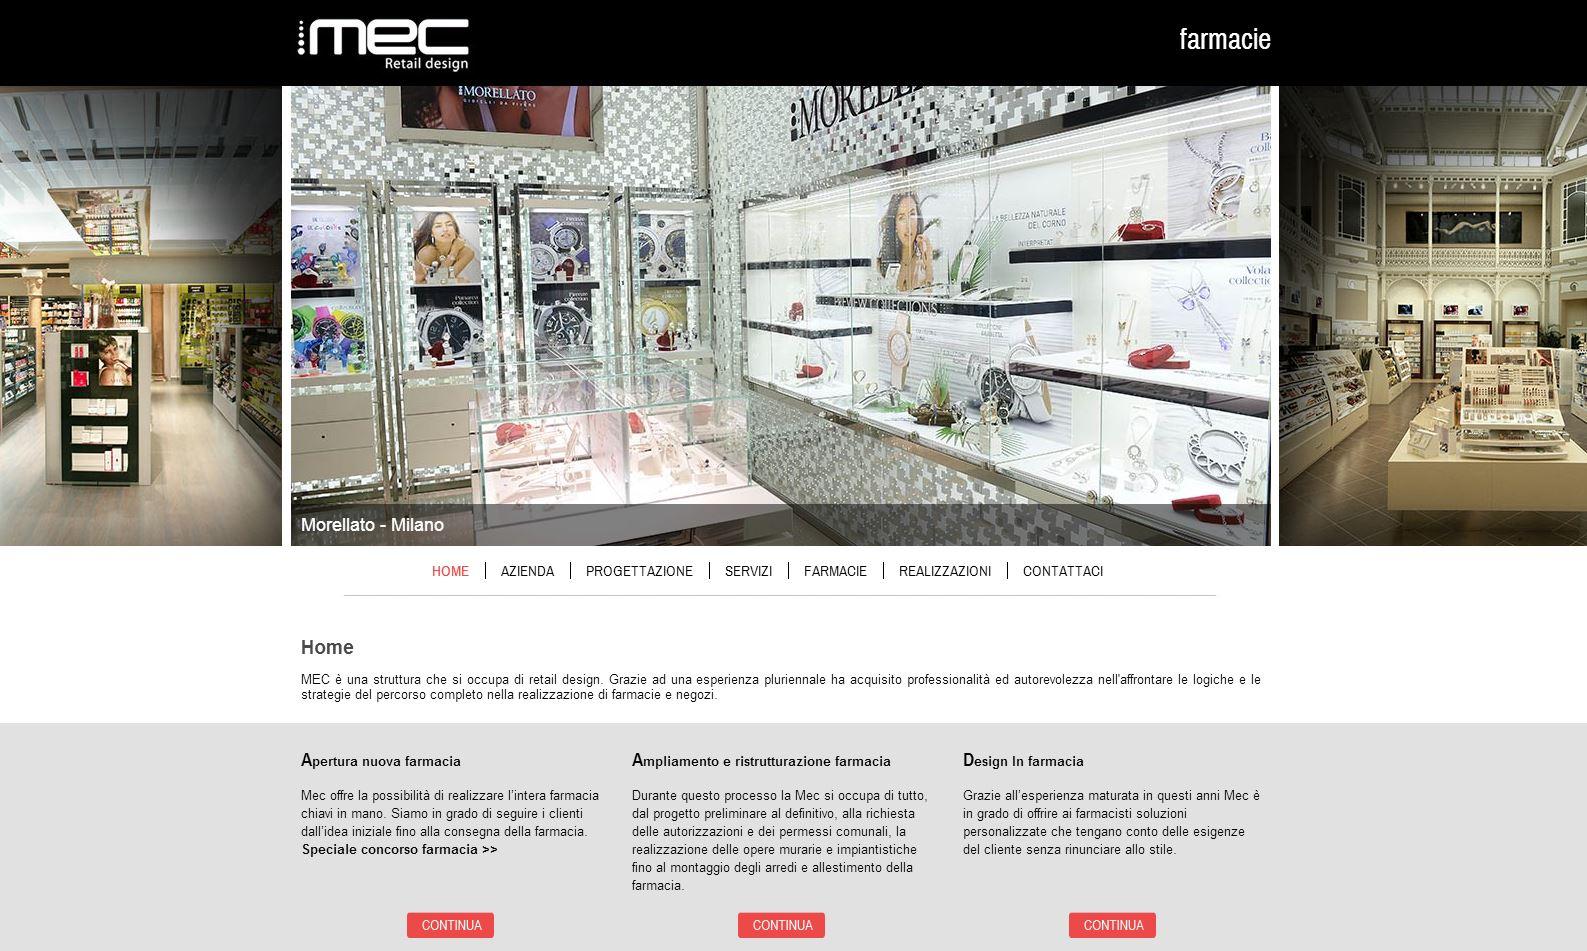 Nuovo sito per mec retail design arredamento farmacie for Sito arredamento design